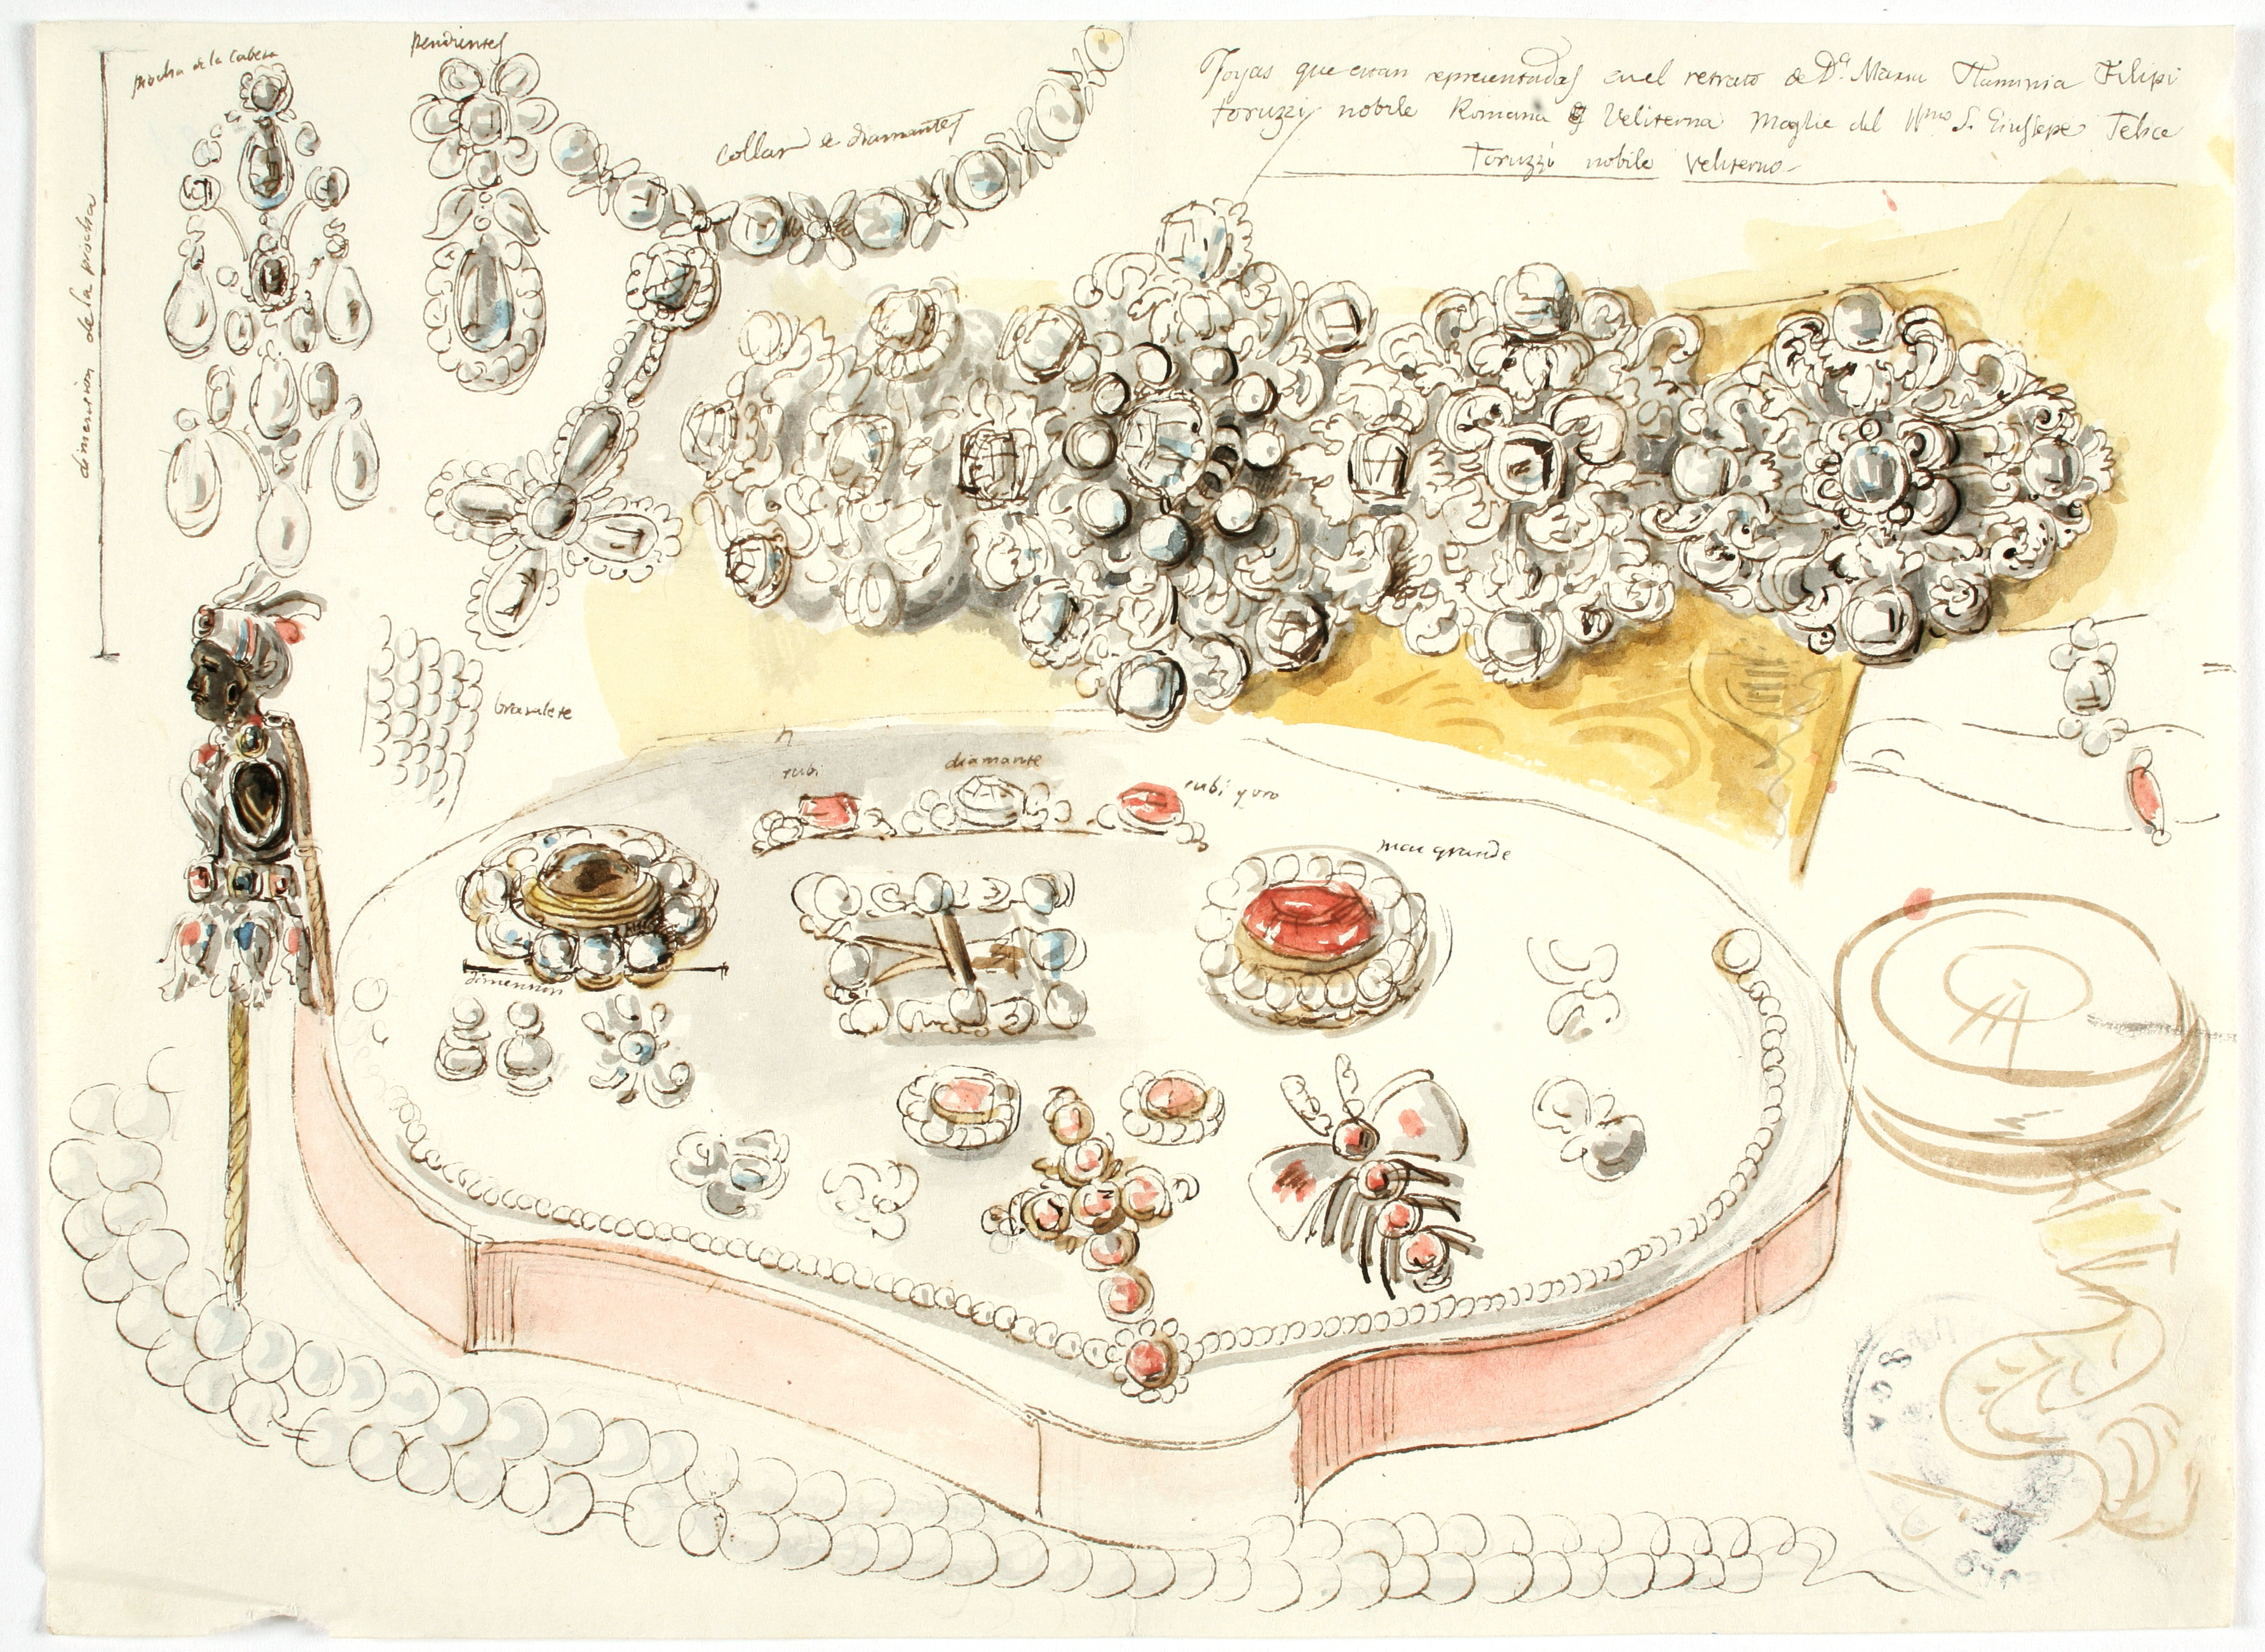 Grand parure de noble romana. Valentín Carderera y Solano. Acuarela sobre papel. NIG 01927. Museo de Huesca.